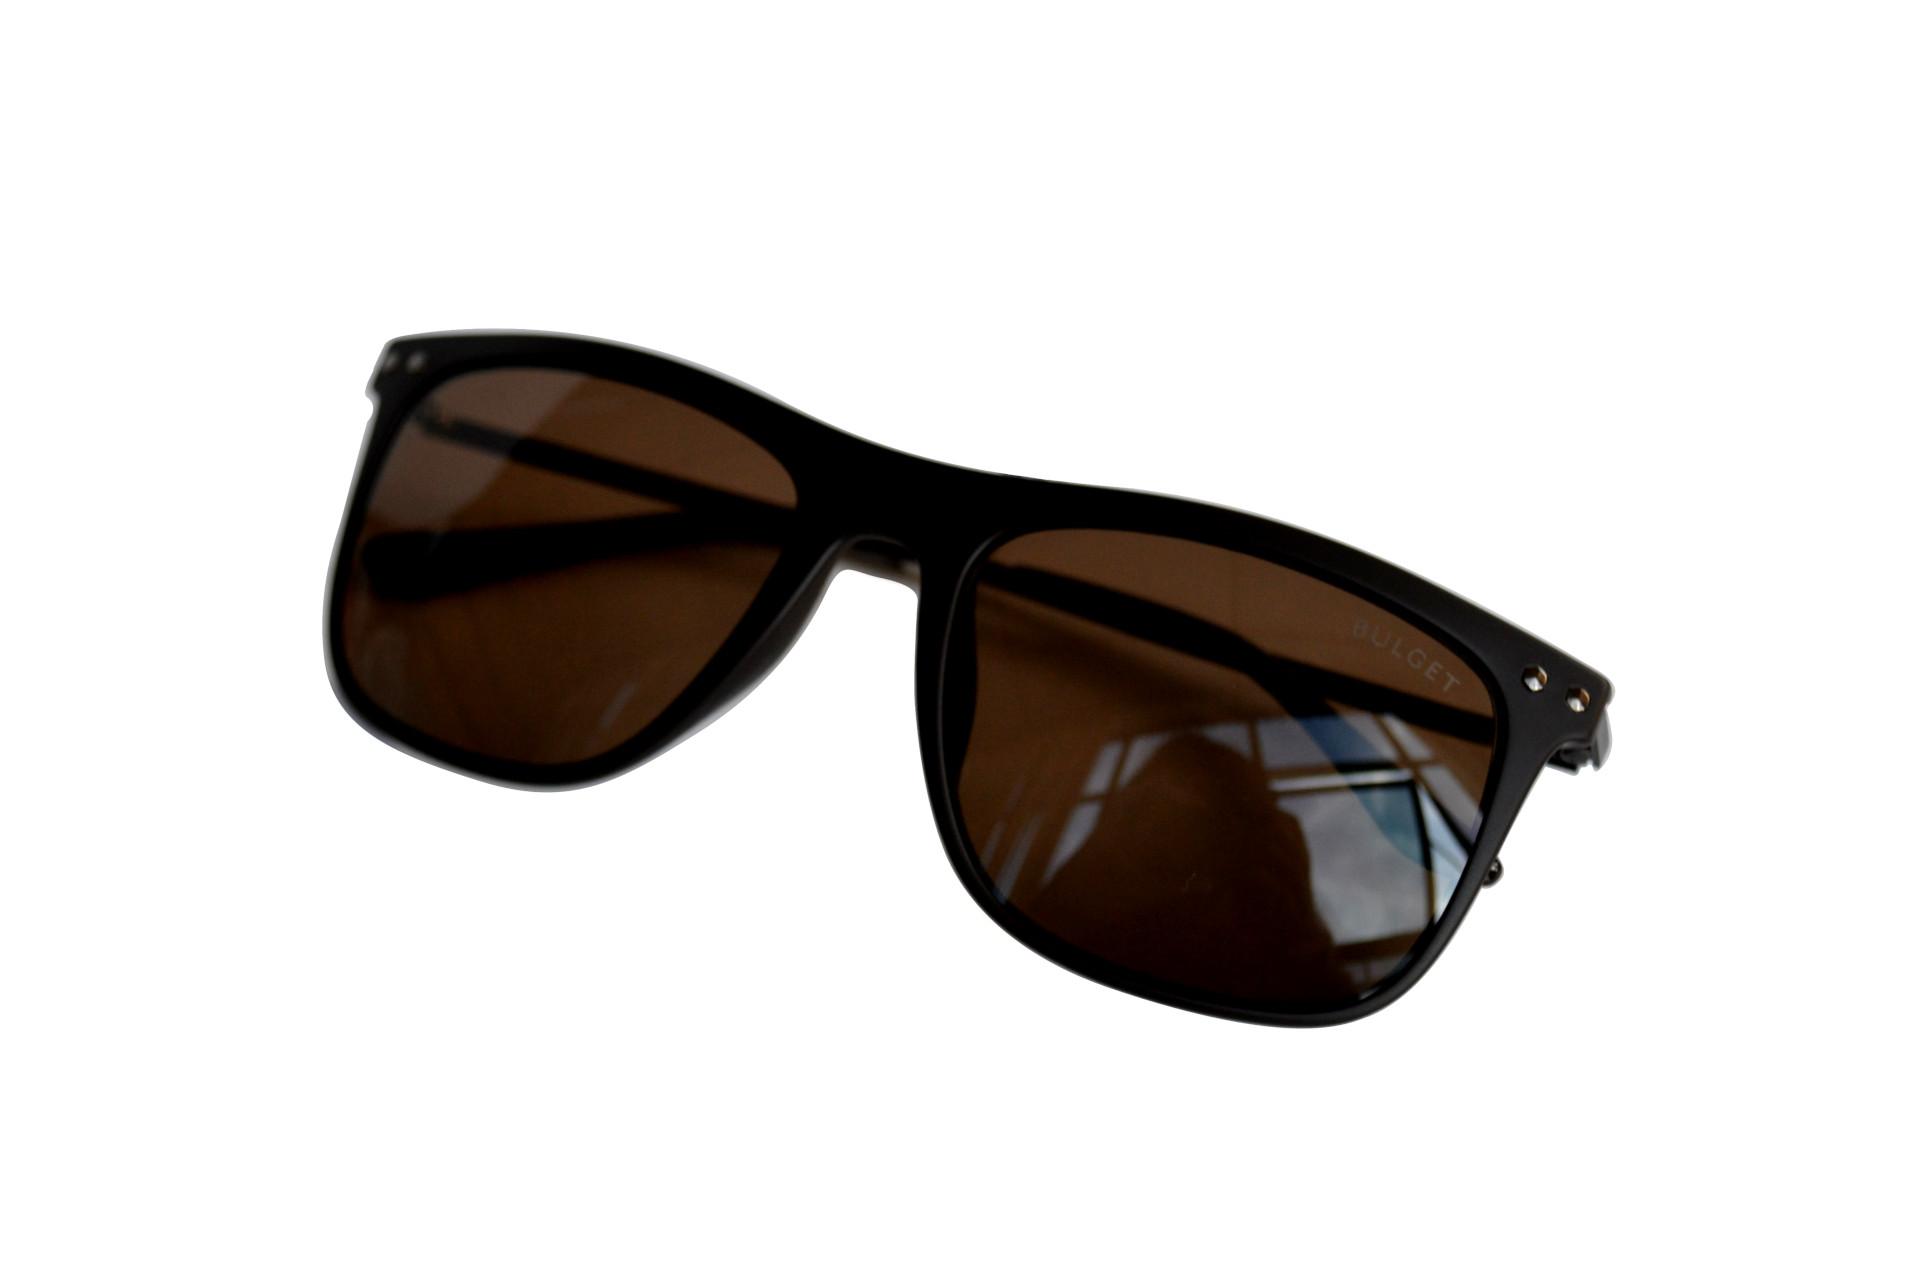 Se seu pai é moderno e adora as novidades da moda, comprar um óculos  estiloso vai ser um presente garantido de agradar! Marcas como Ray-Ban  sempre oferecem ... 0bfc4d45b5